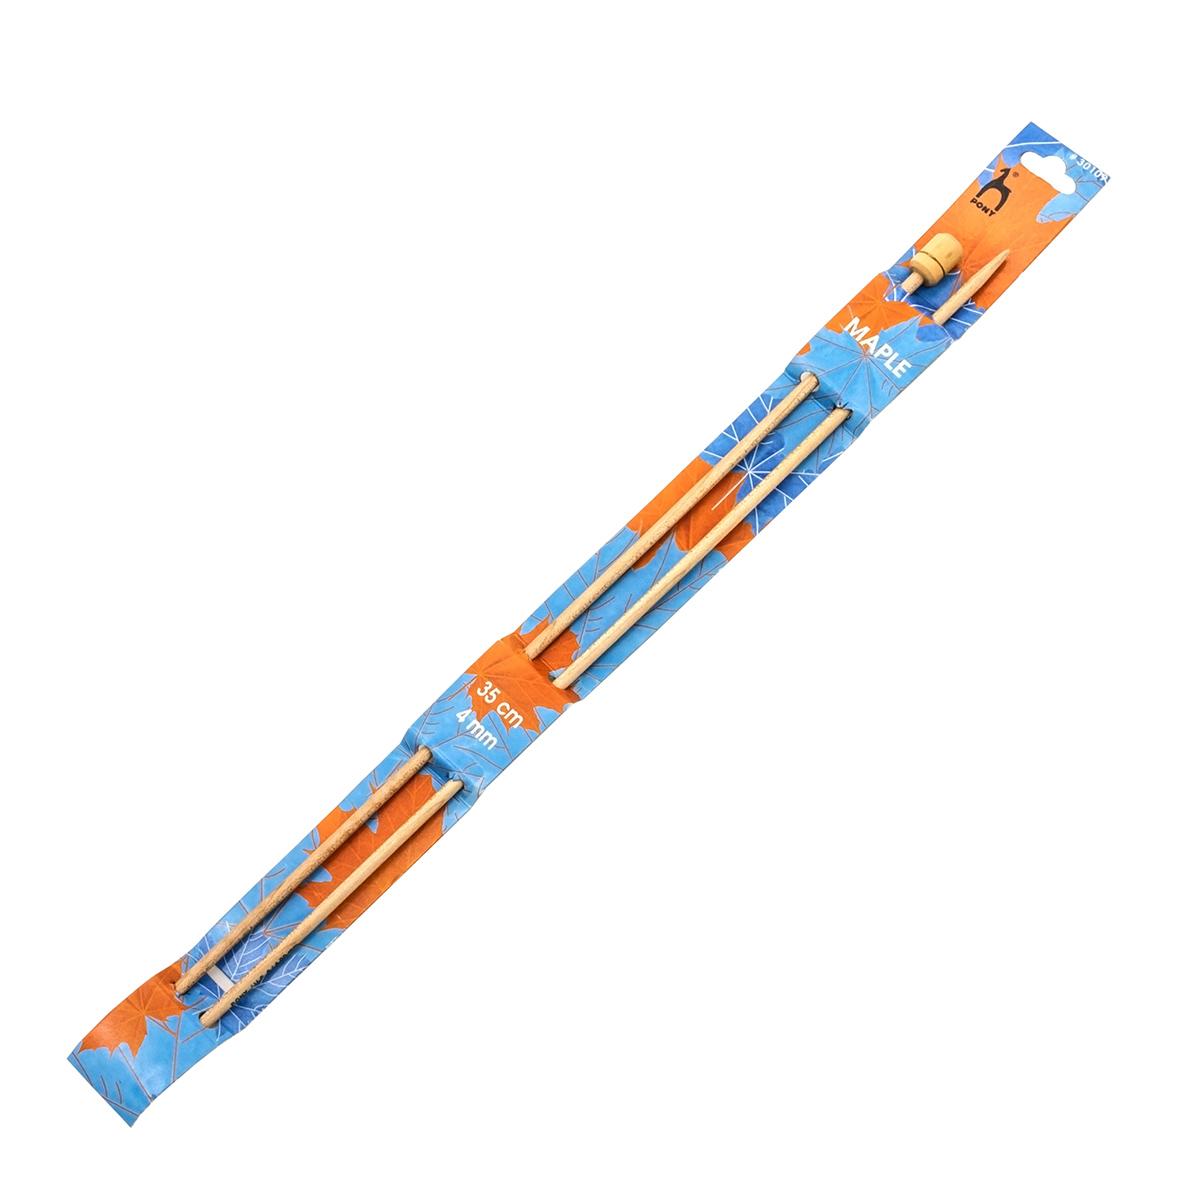 30109 PONY Спицы прямые 4,00 мм/ 35 см, клен, 2 шт.